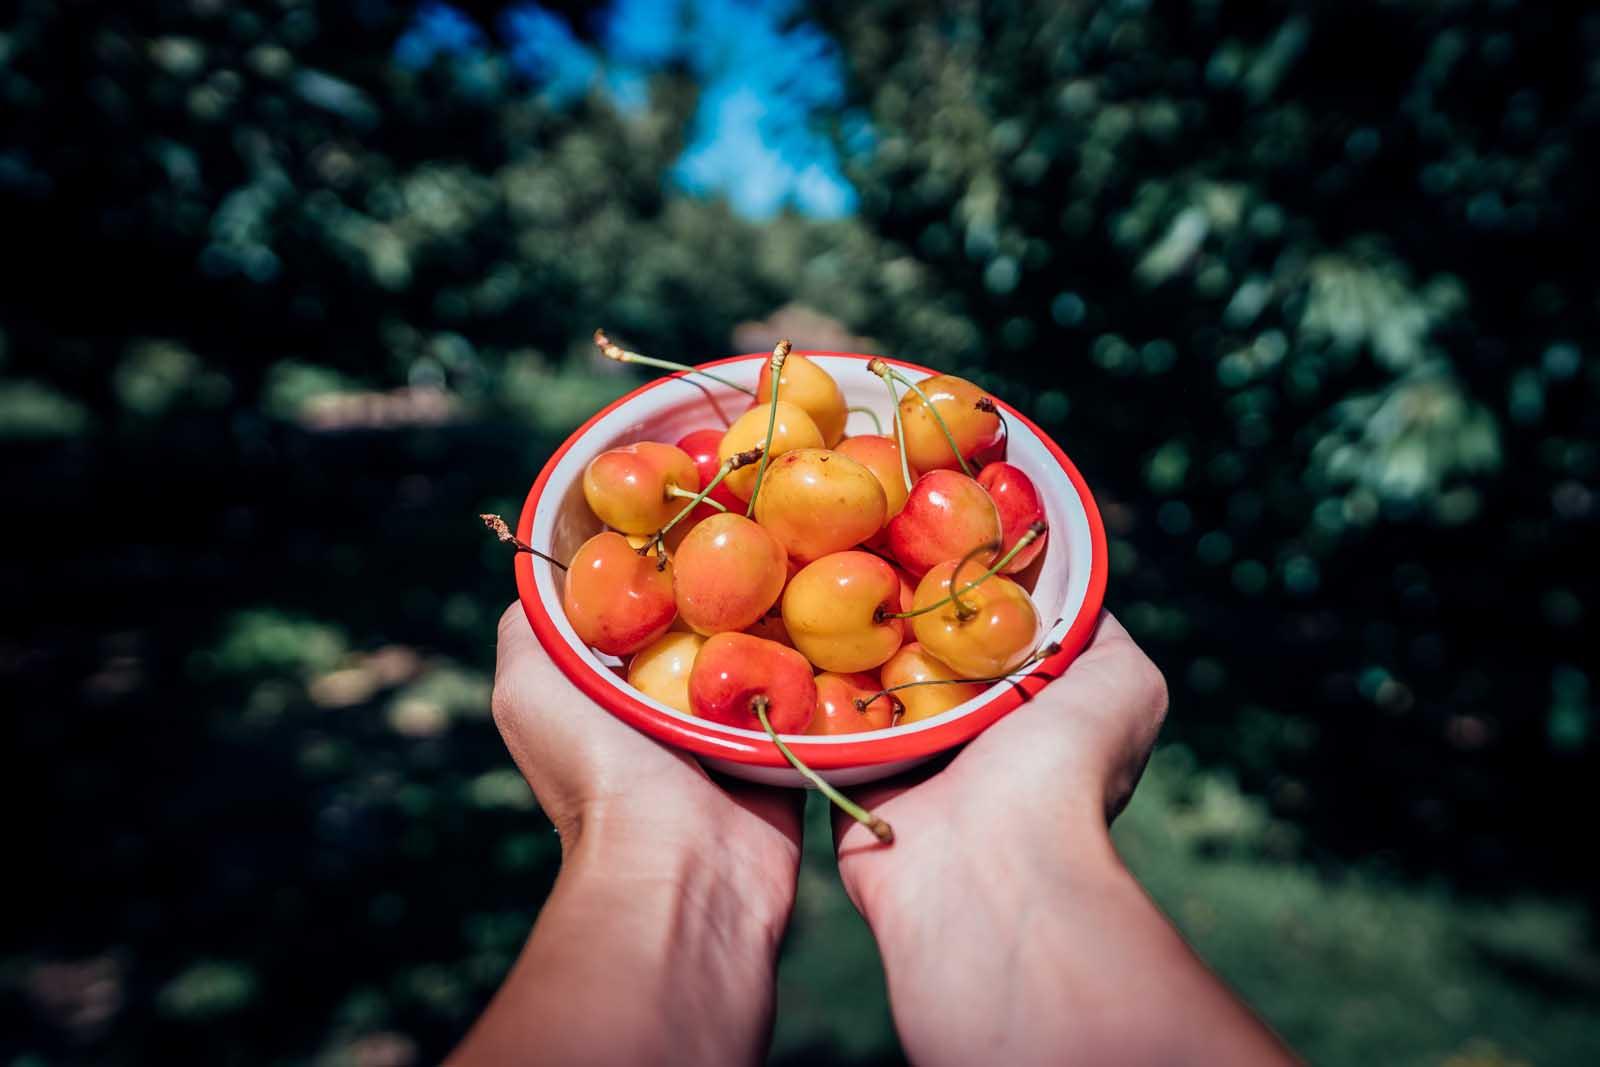 Picking Rainer Cherries at Barrett Orchards